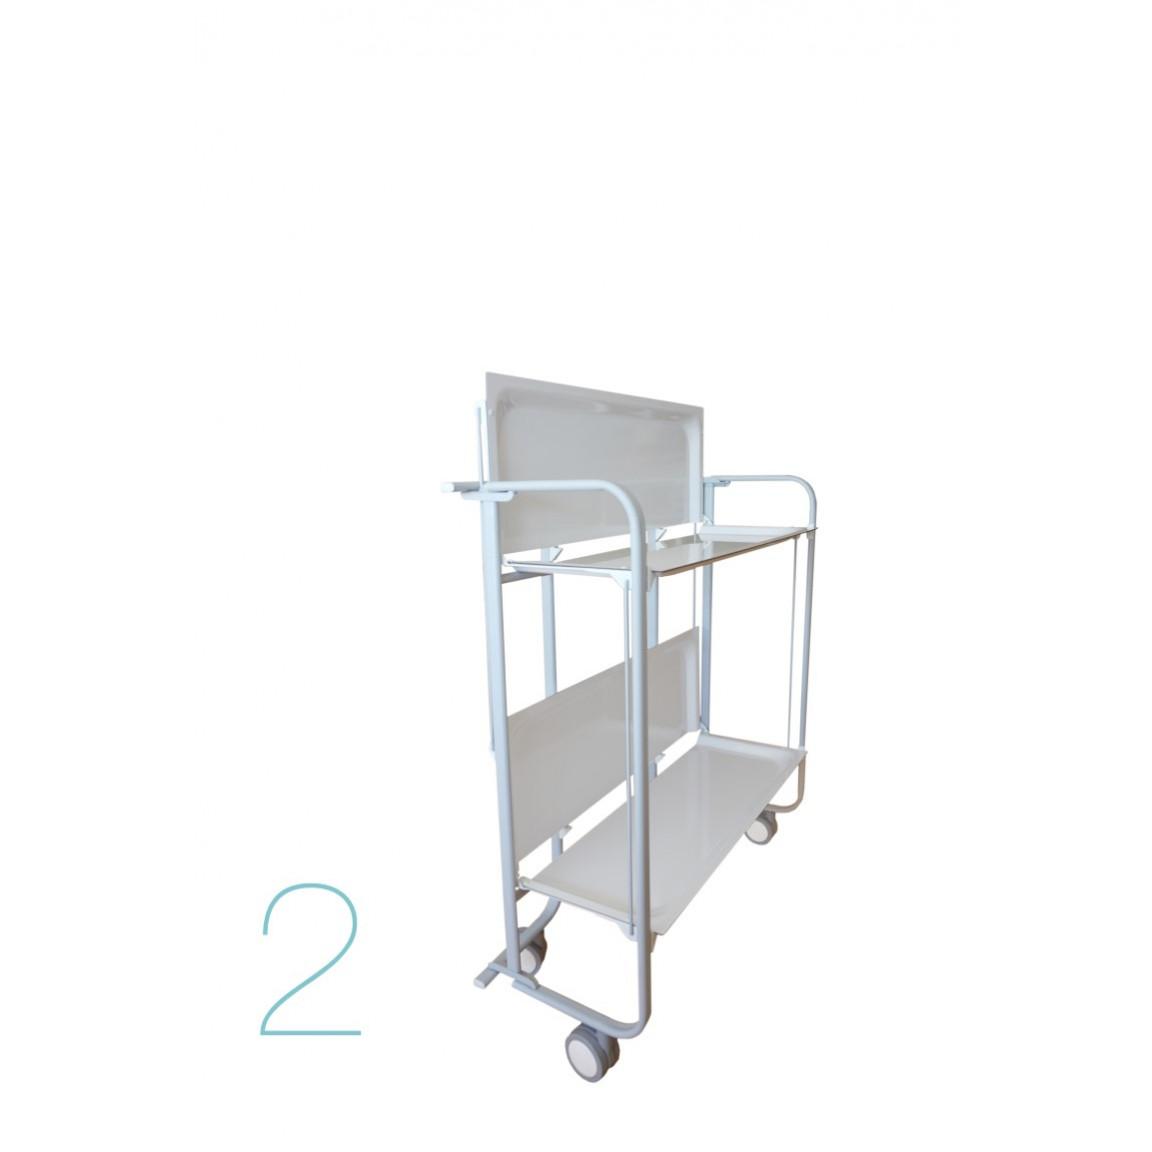 Faltbarer 3-stöckiger Servierwagen | Weiß